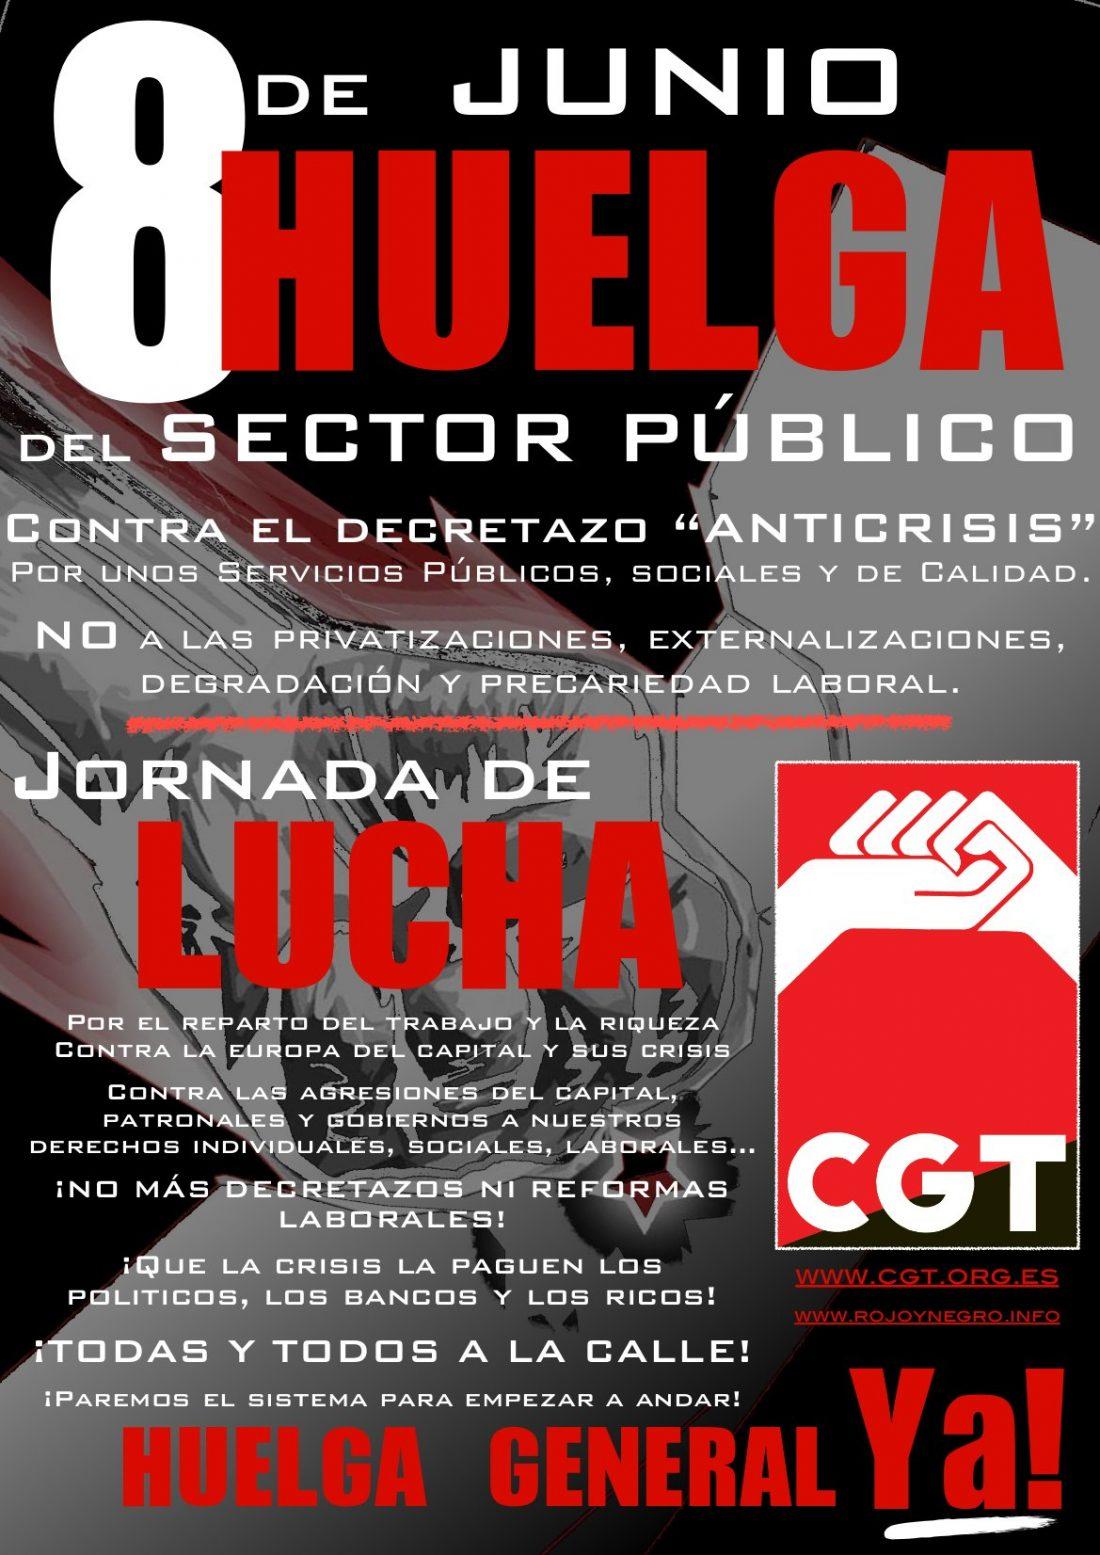 CGT convoca Huelga el 8 de Junio